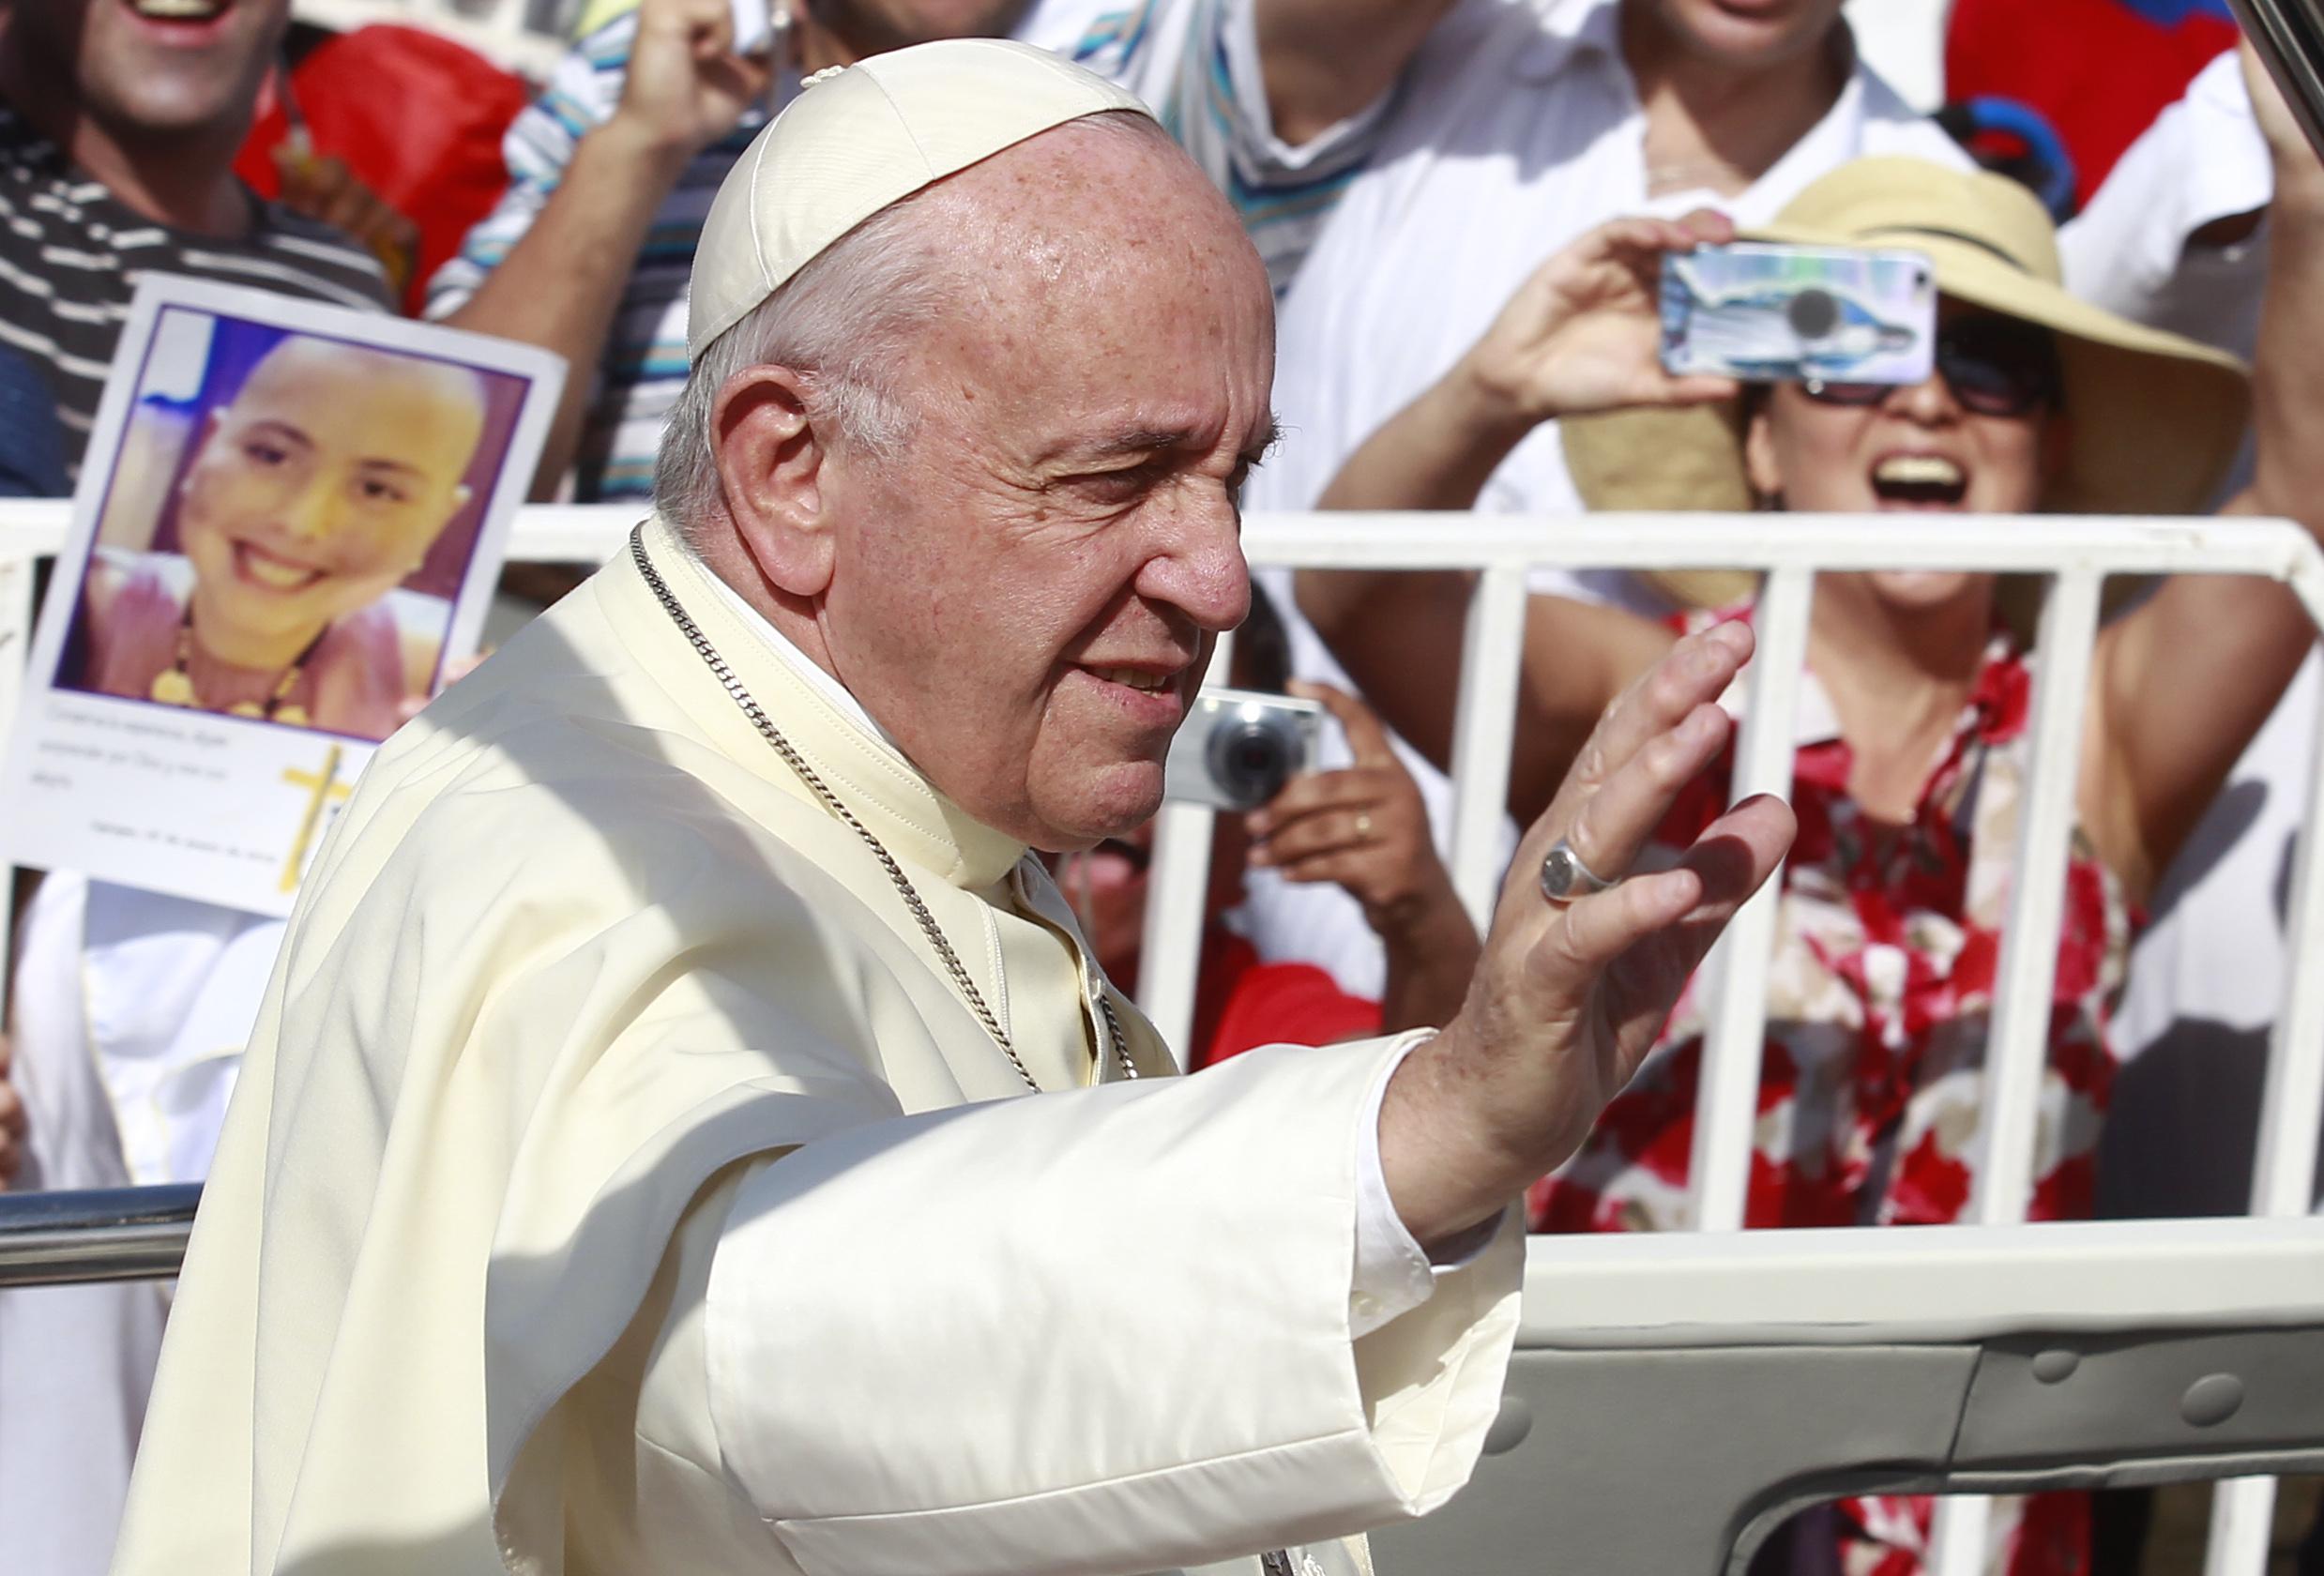 Arzobispo acusa al Papa Francisco de ignorar acusaciones de abuso y proteger a Barros, Errázuriz y Ezzati